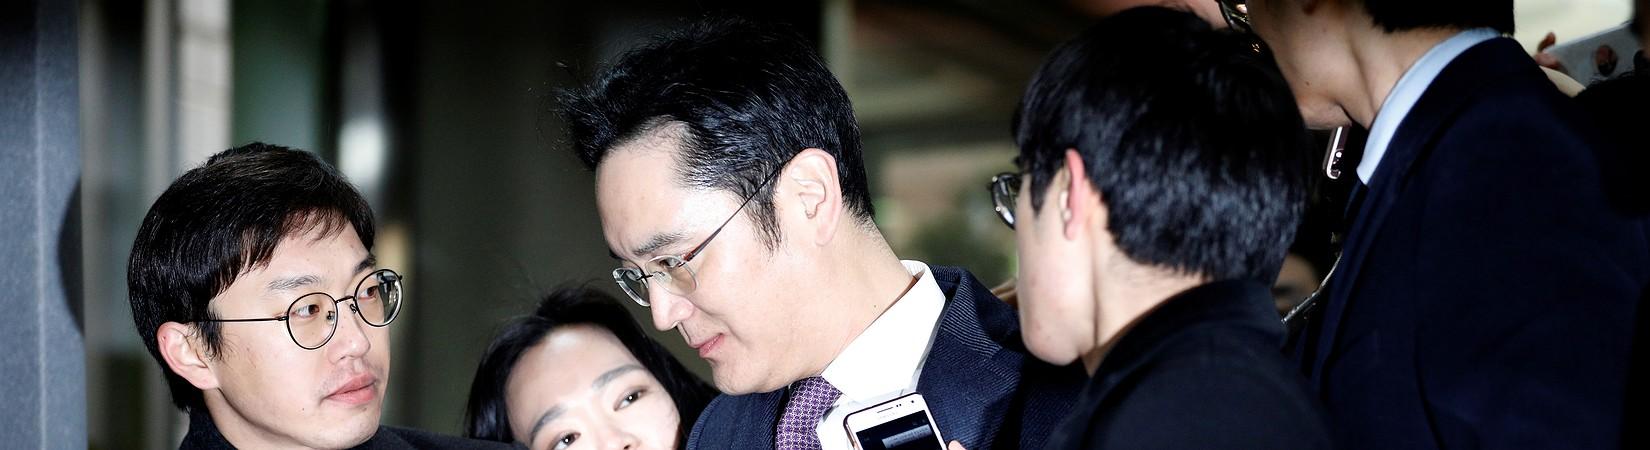 Come beneficiare di uno scandalo corruzione: il caso Samsung